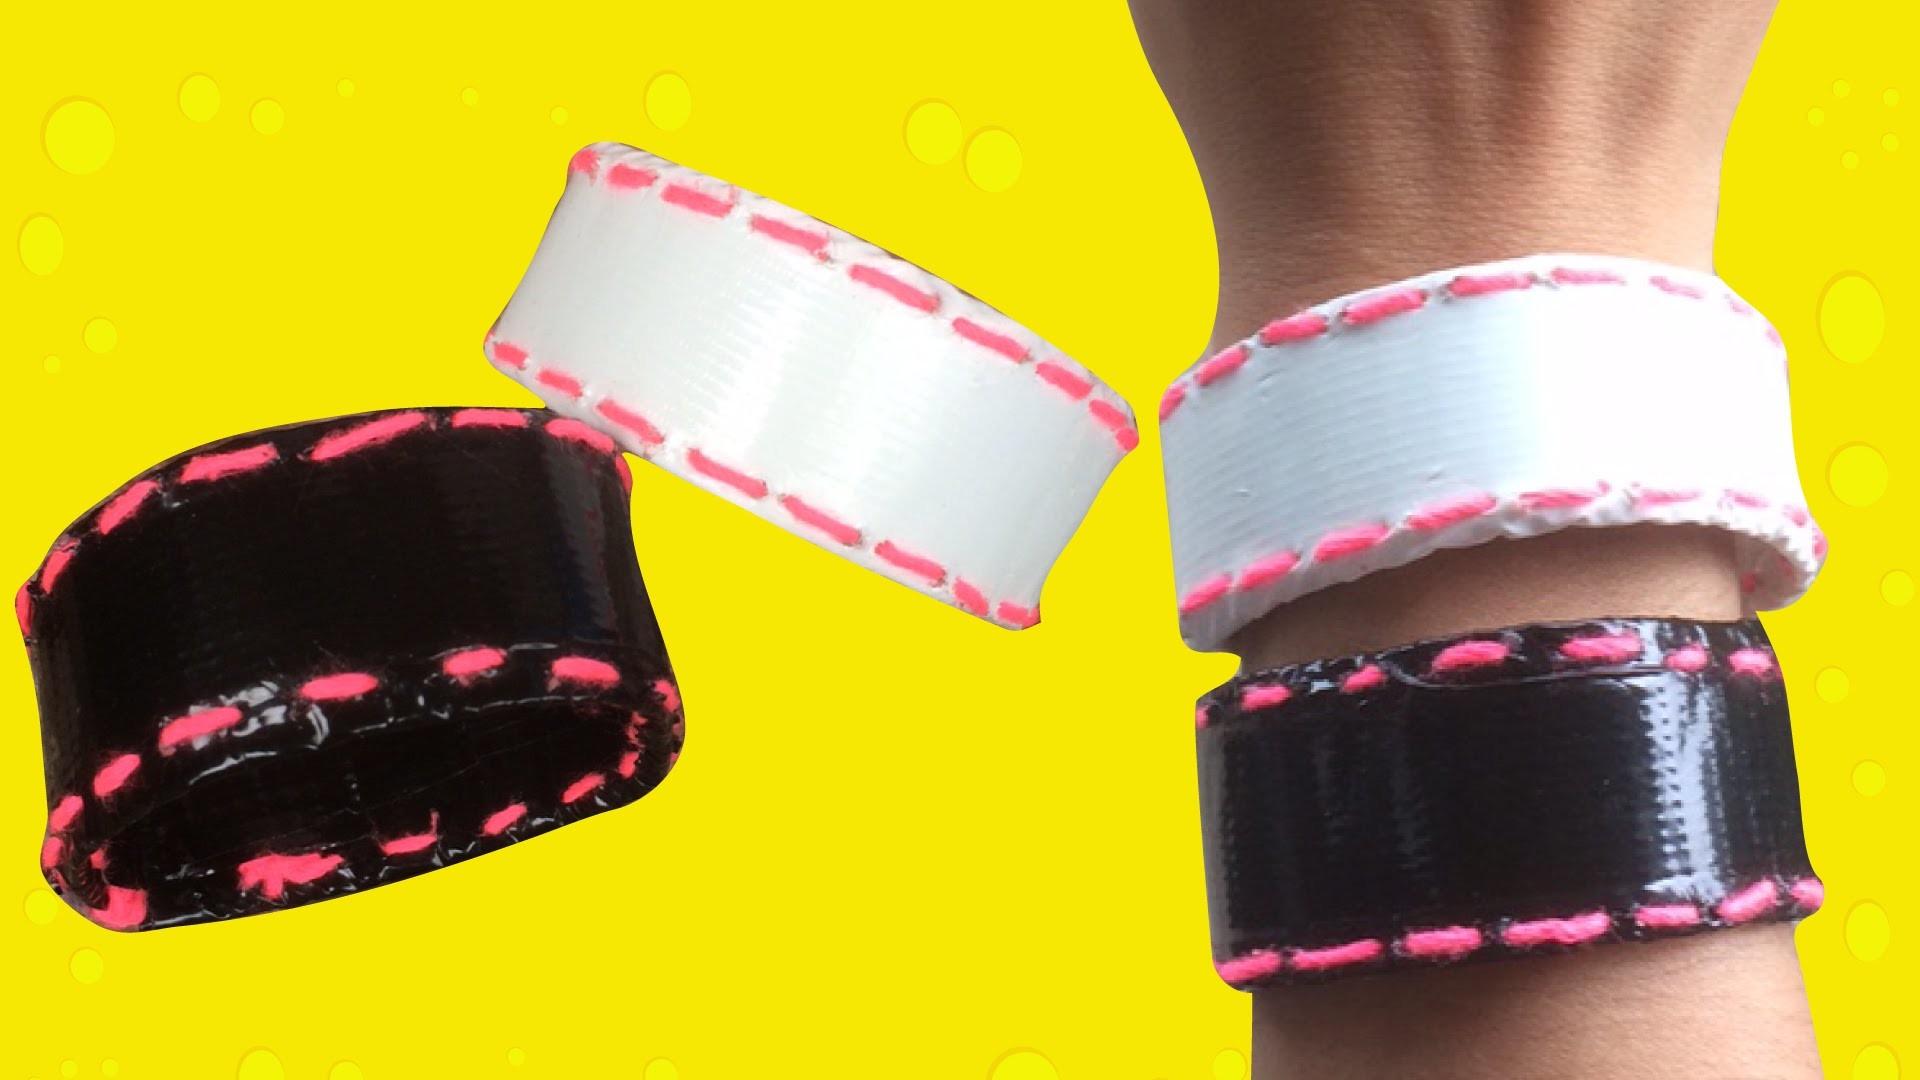 Armbandje knutselen met duct tape en stikken met naald en draad.